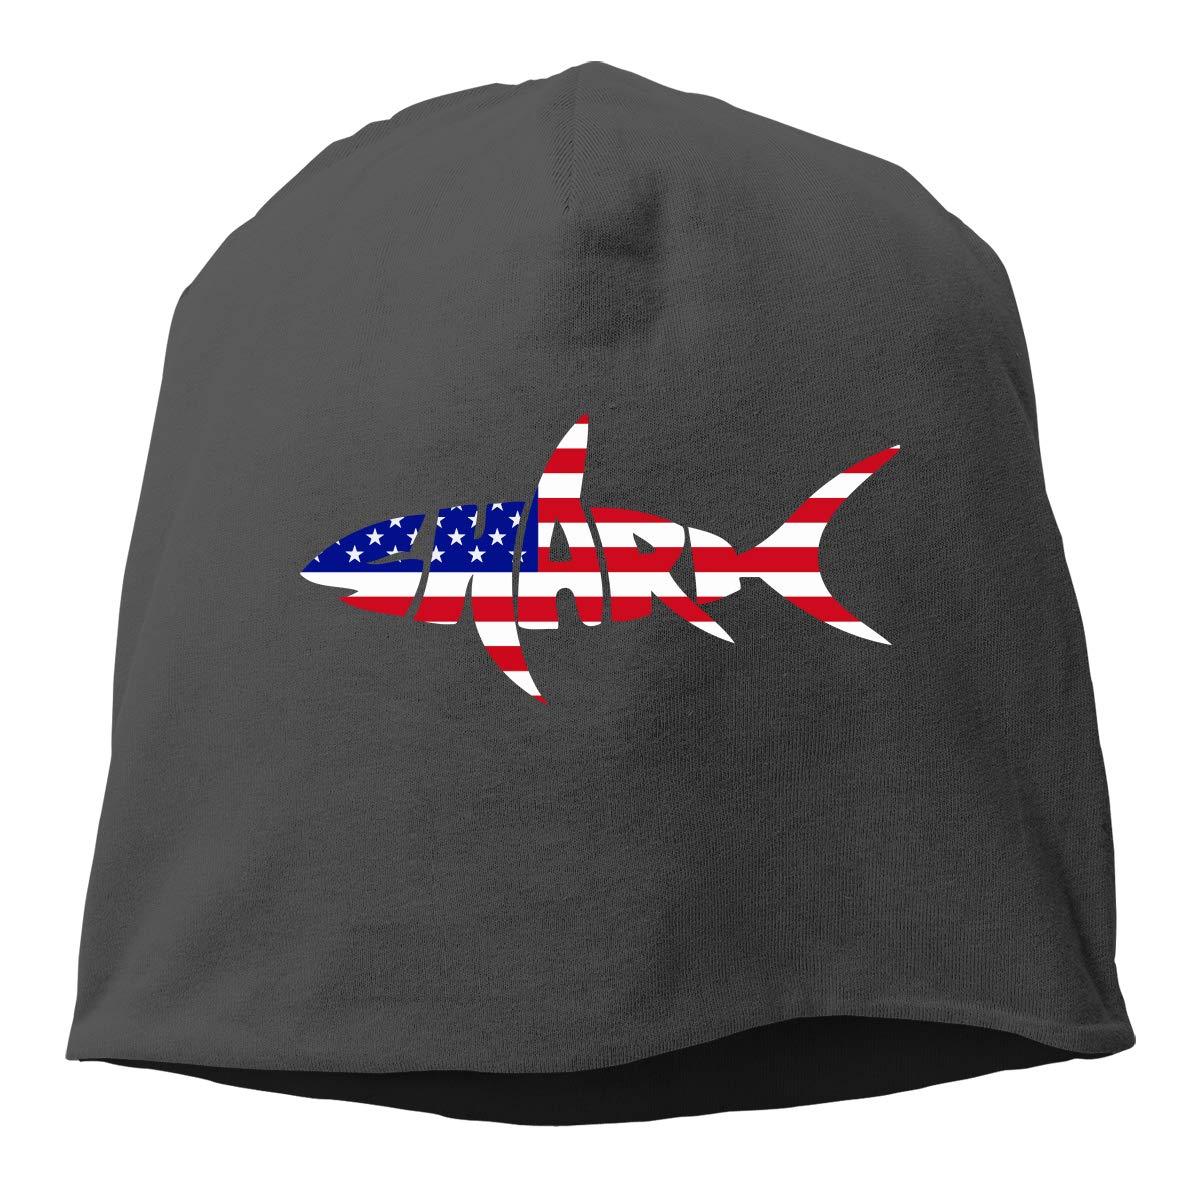 USA Flag Shark Letter Beanie Skull Cap for Women and Men Winter Warm Daily Hat